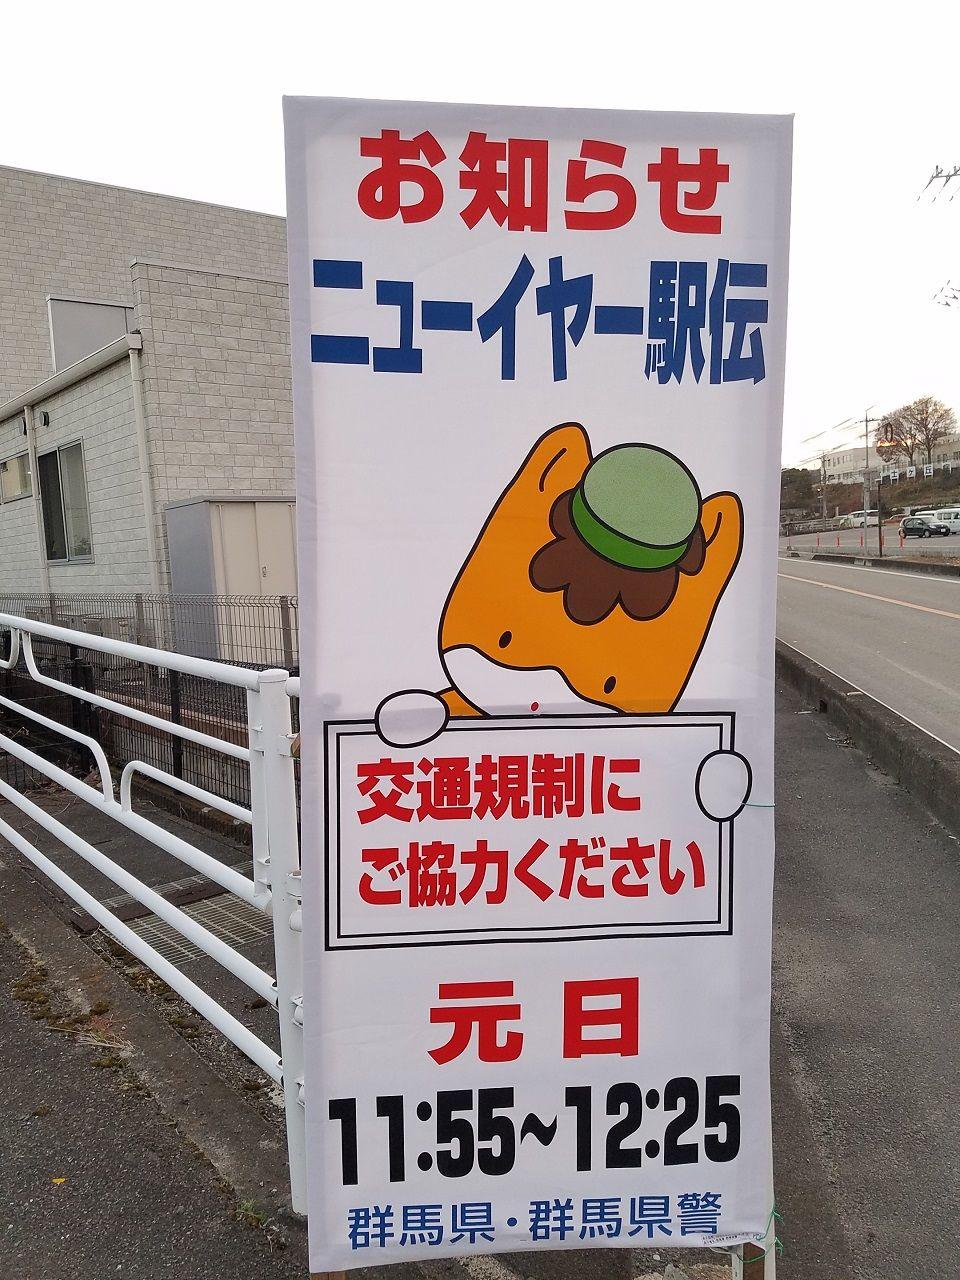 交通 ニュー イヤー 規制 駅伝